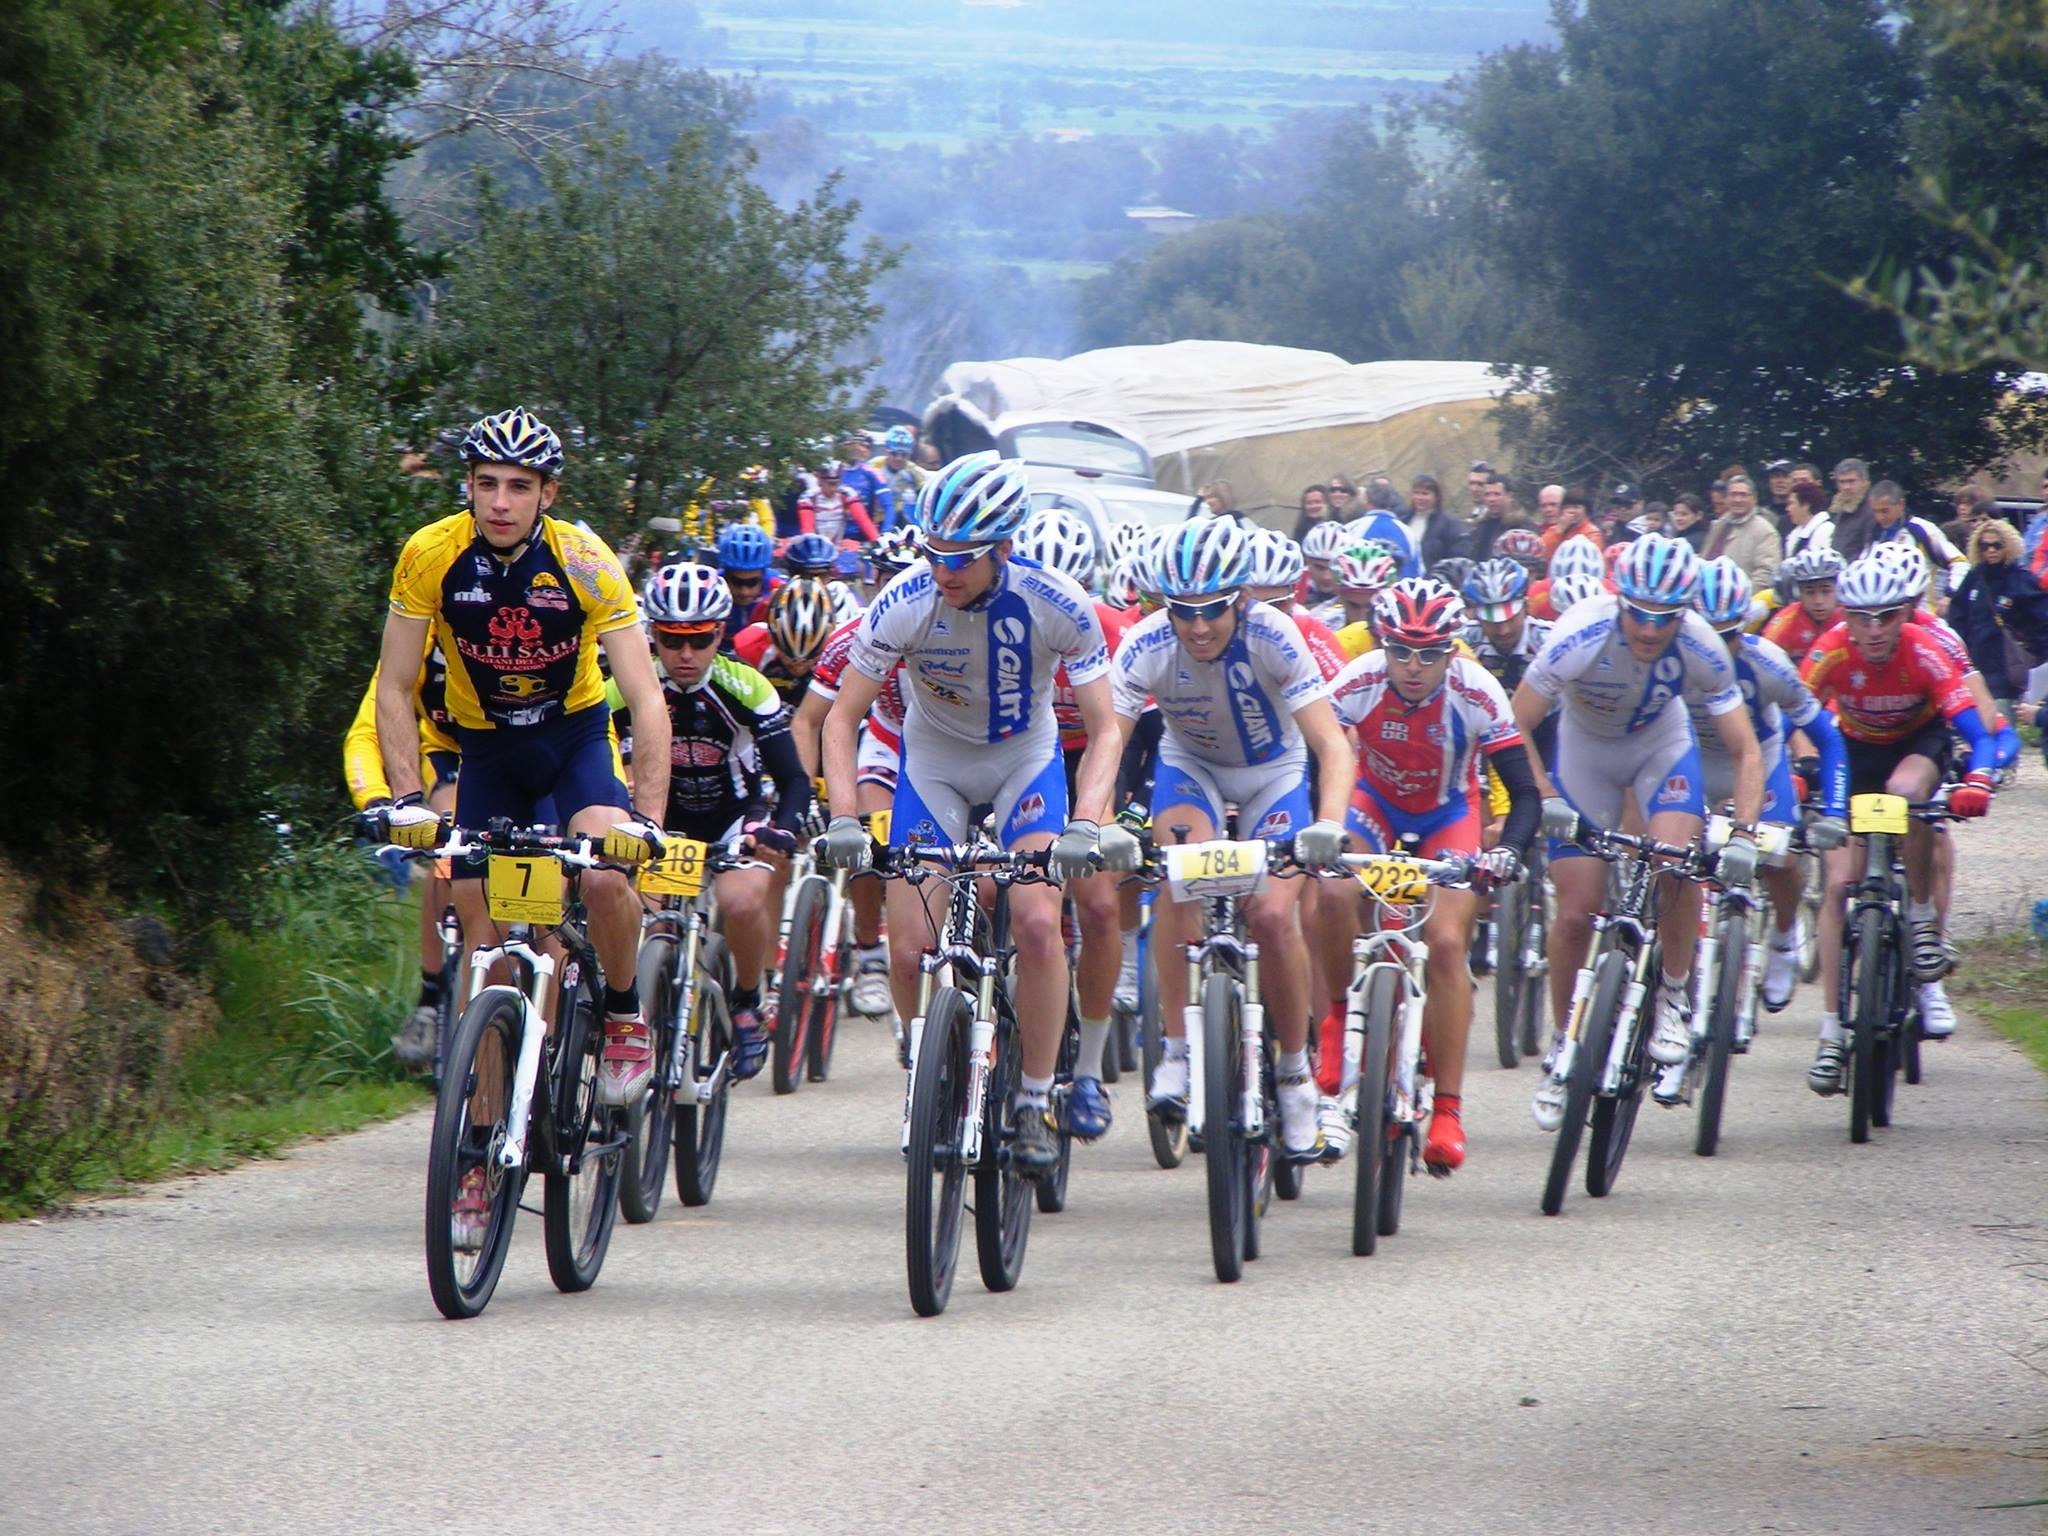 Calendario Prima Categoria Sardegna.Challenge Xc 2019 Ale Cycling Il Nuovo Circuito Cross